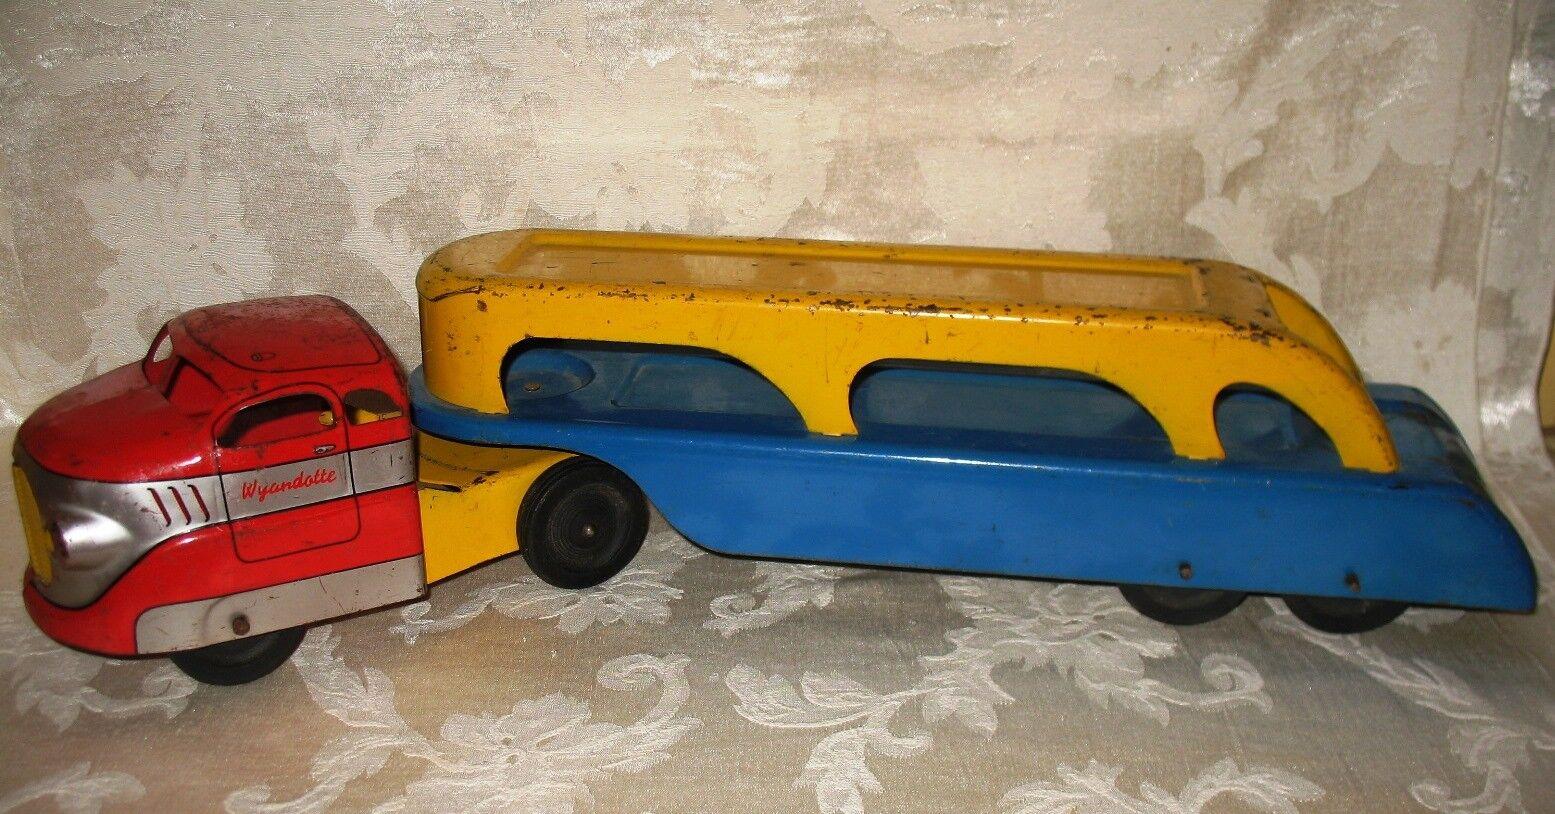 Jahrgang 1940, ist wyandotte innenauskleidungstafein rot   blau   gelb auto transportfahrzeuge trailer 21.